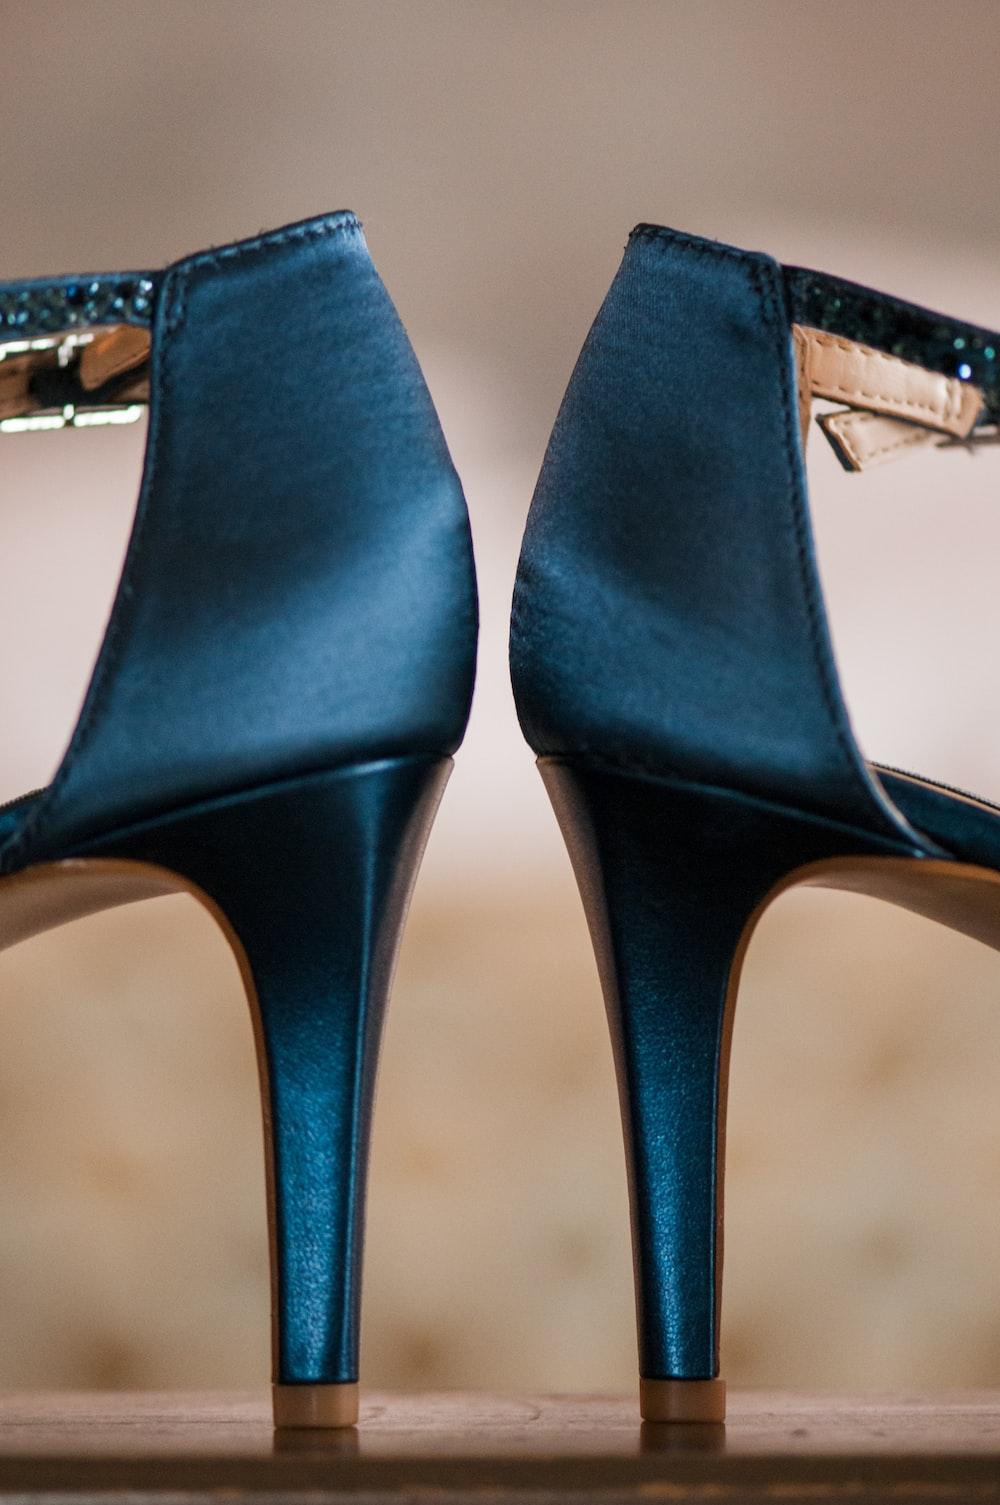 black leather peep toe heeled sandals